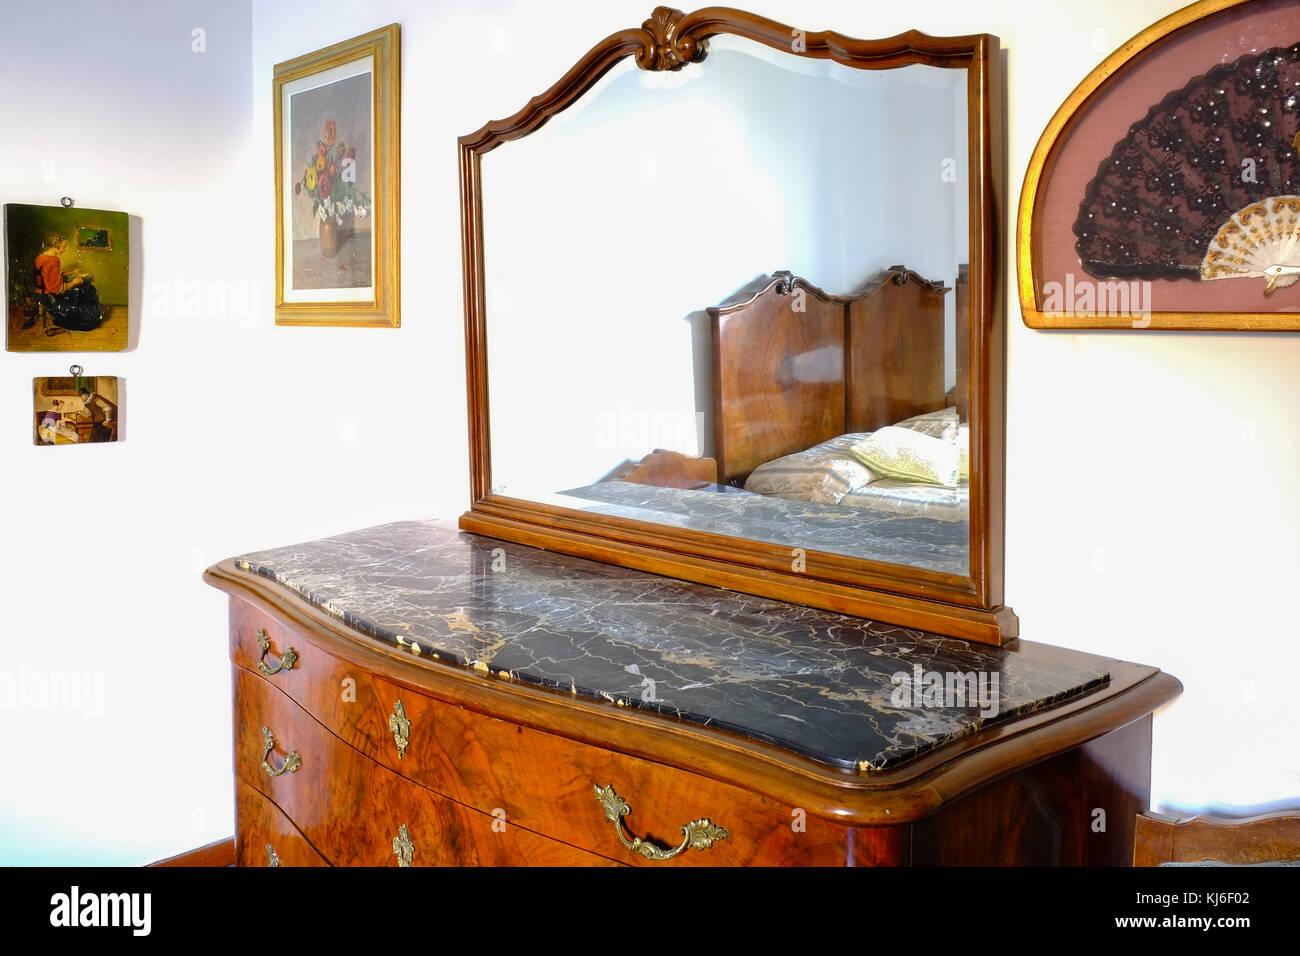 Credenza Con Marmo : Camera da letto credenza con specchio di lusso sulla cima un